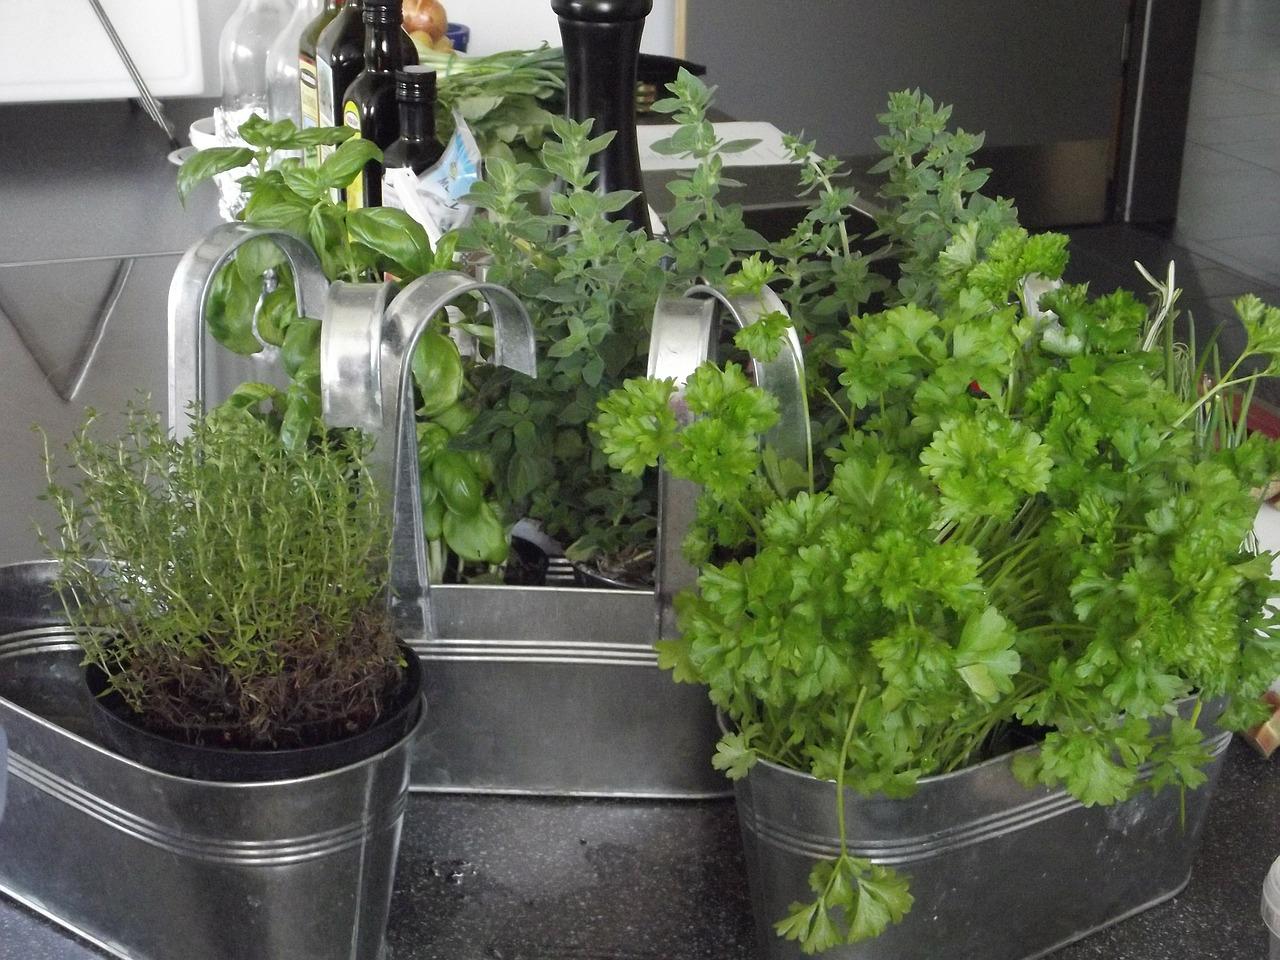 Plantes Aromatiques Sur Terrasse un jardin aromatique sur son balcon - consofutur